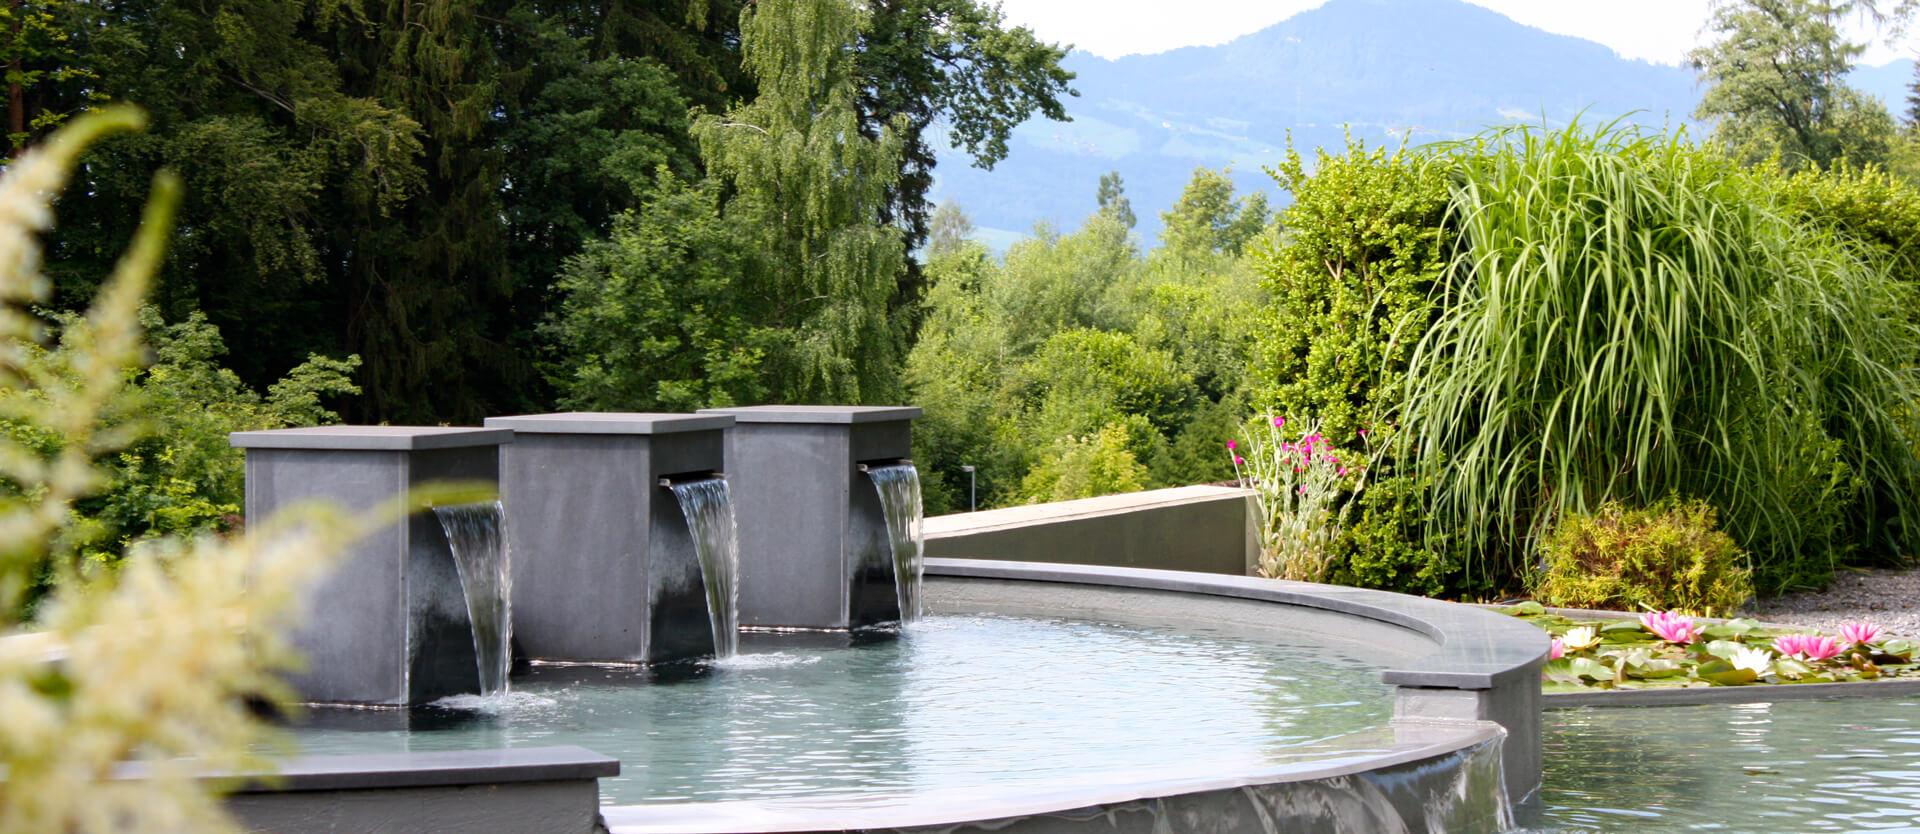 Privatgarten-mit-Wasserspiel